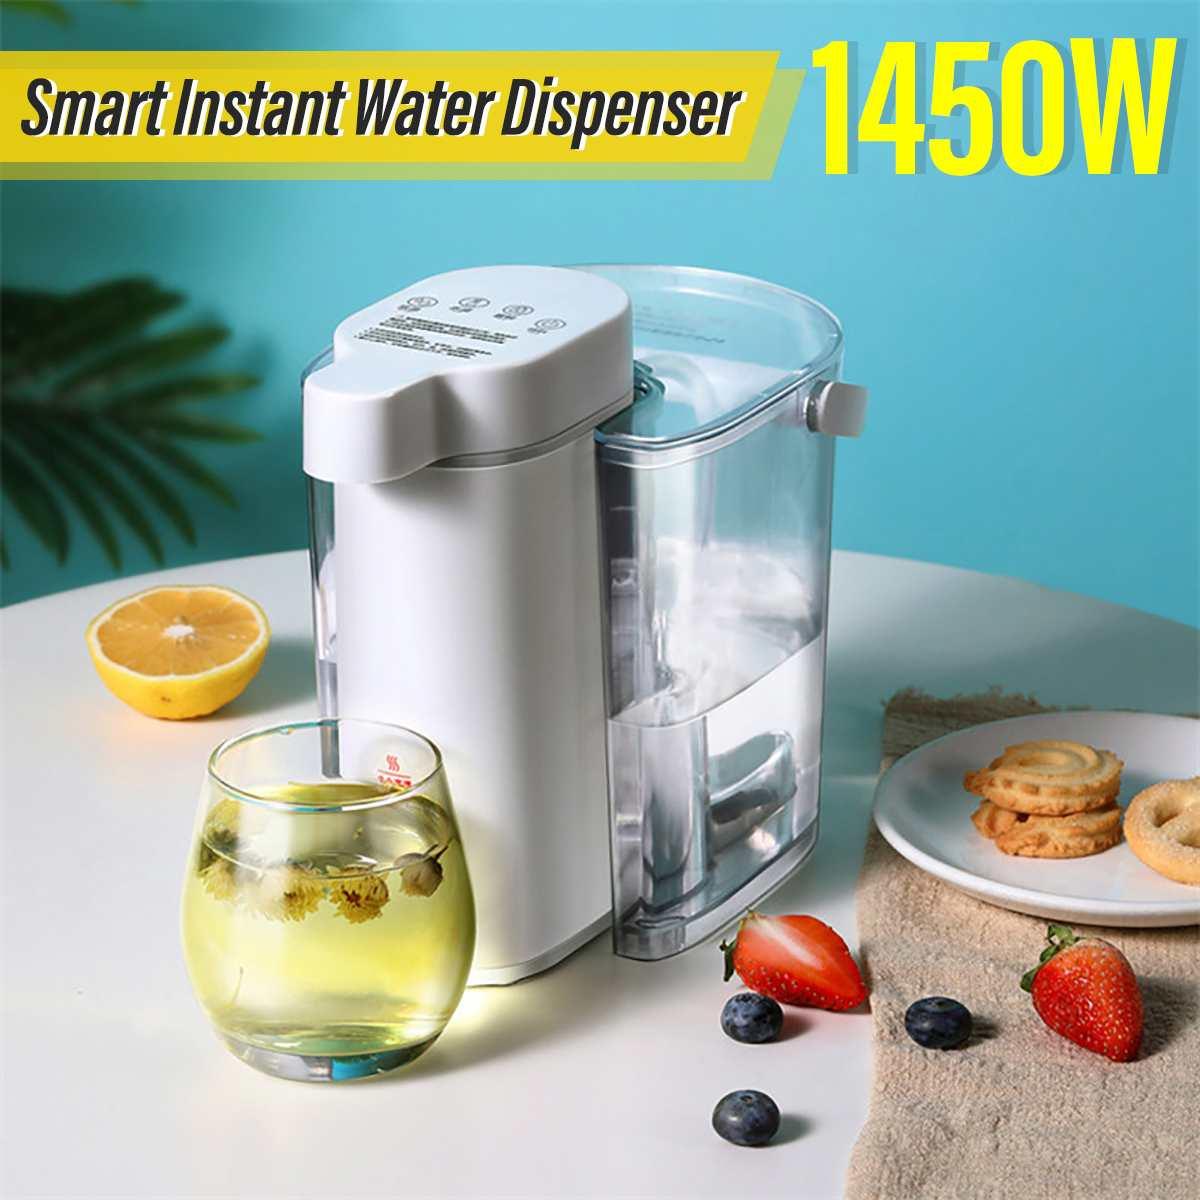 الذكية الفورية المحمولة موزع مياه مضخة زجاجة التلقائي مضخة مياه الشرب 3S التدفئة غلاية مياه كهربائية صغيرة سخان